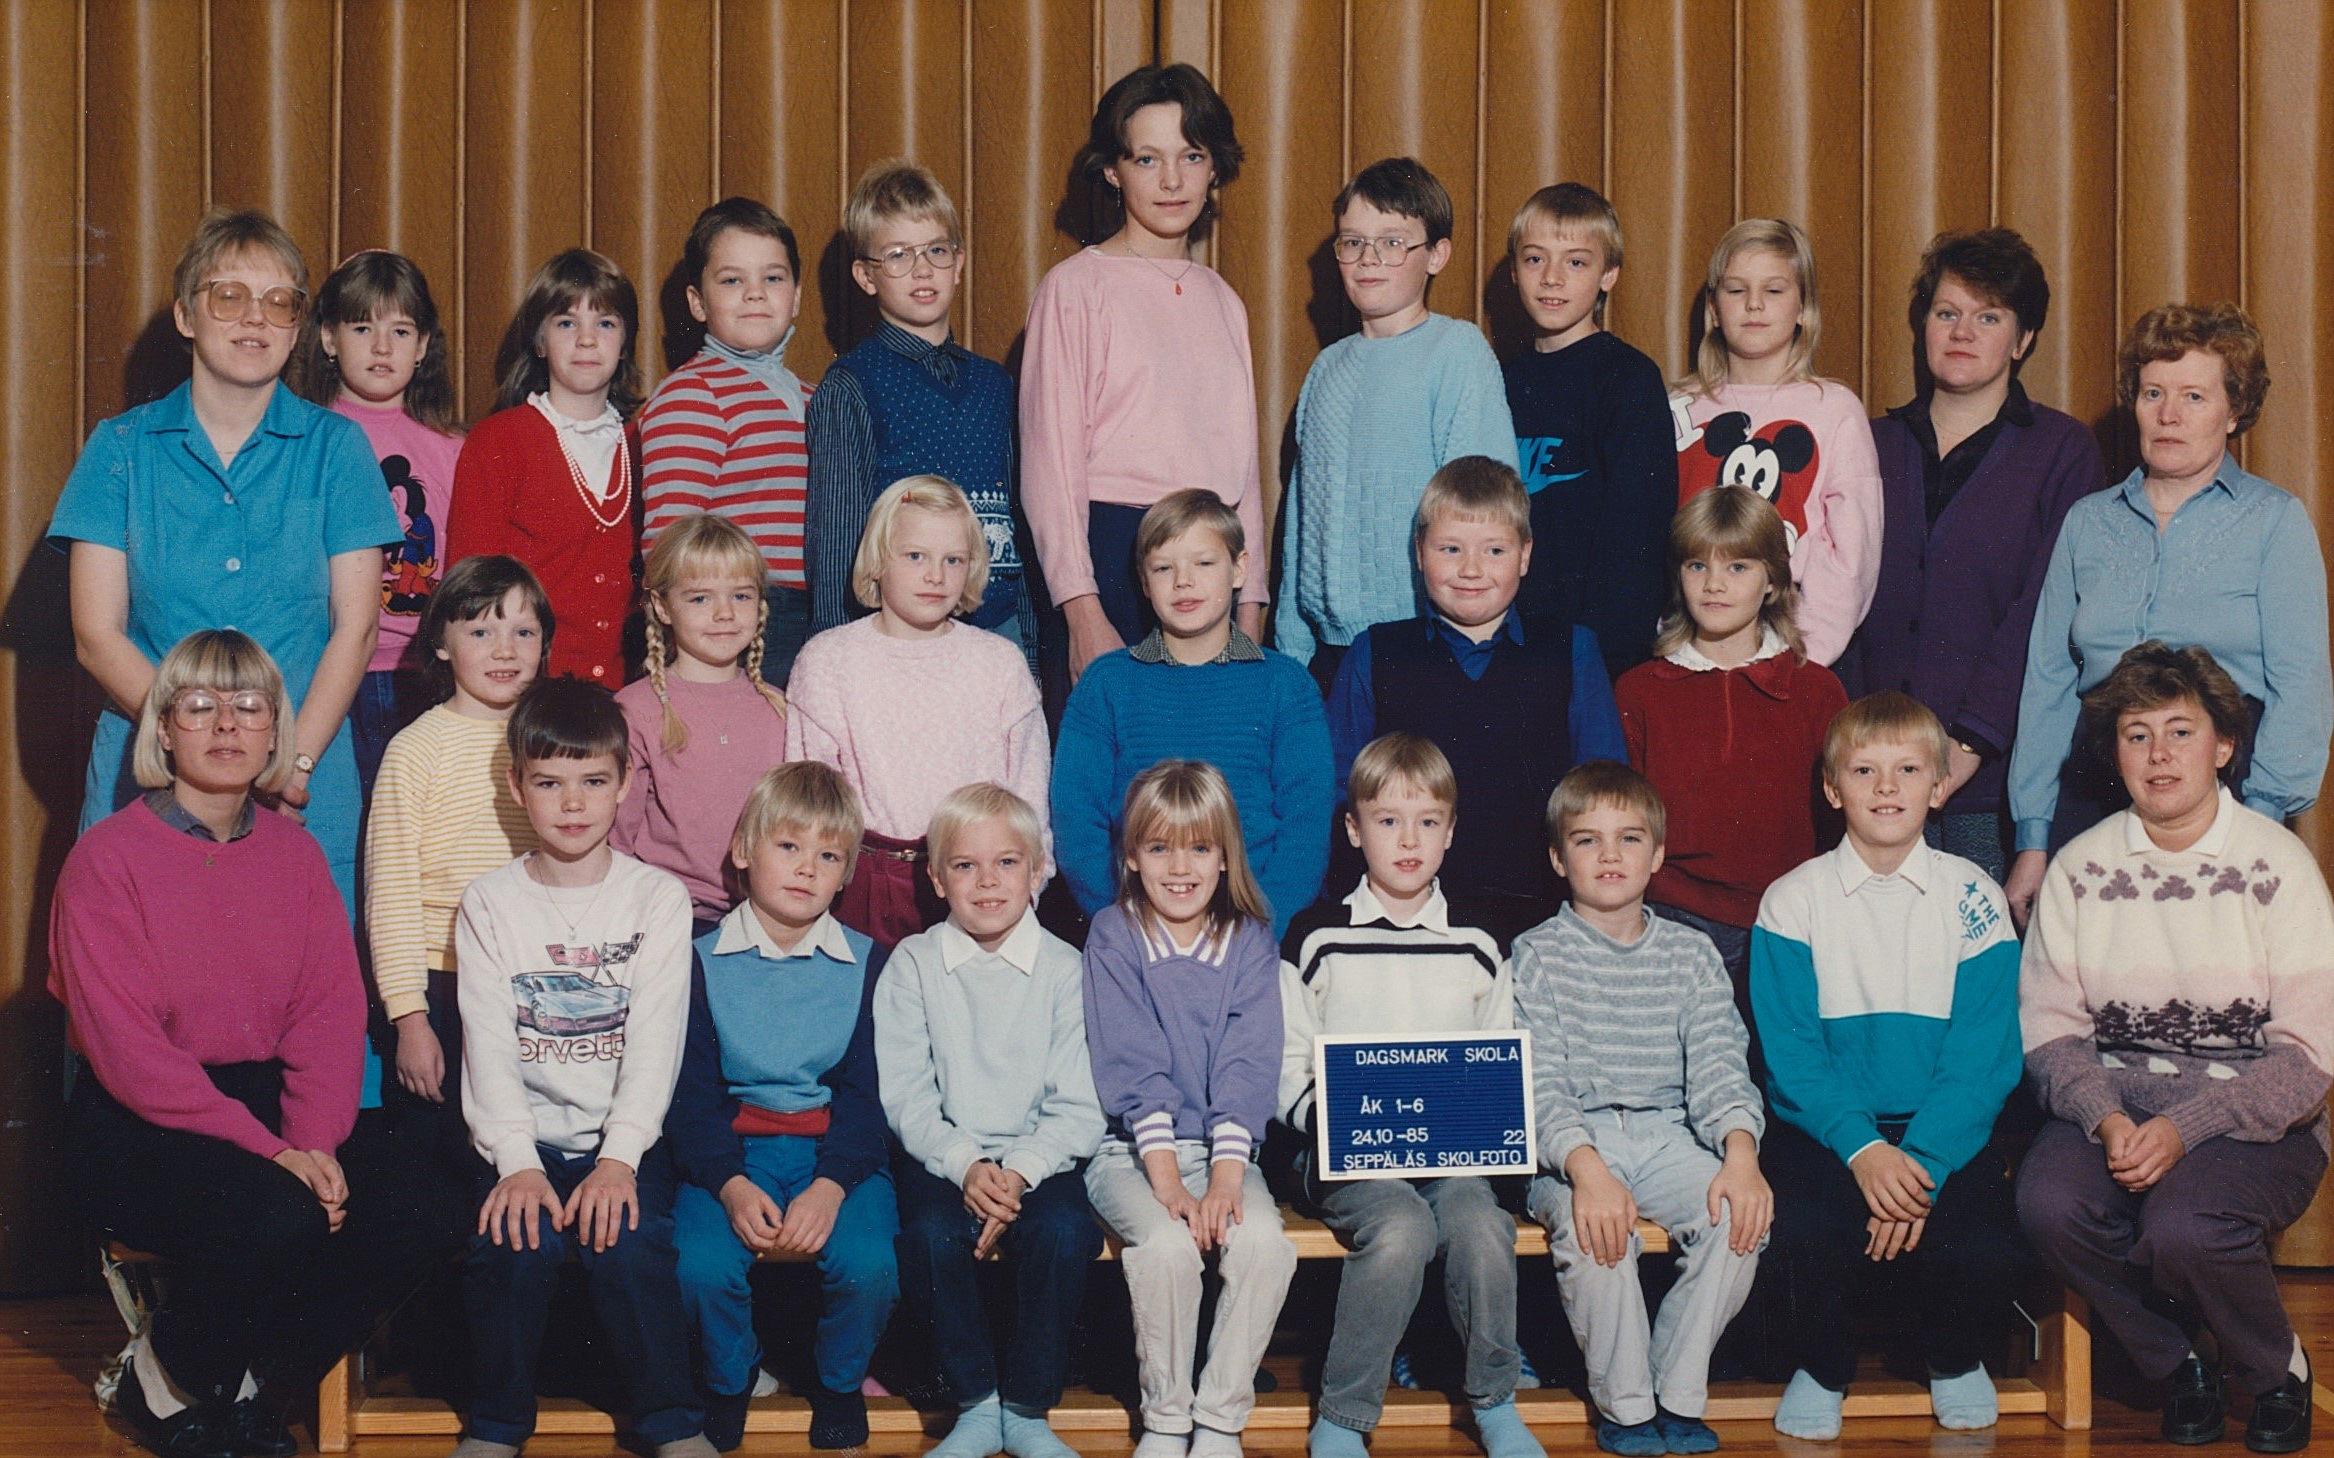 År 1985, hela Dagsmark skola.